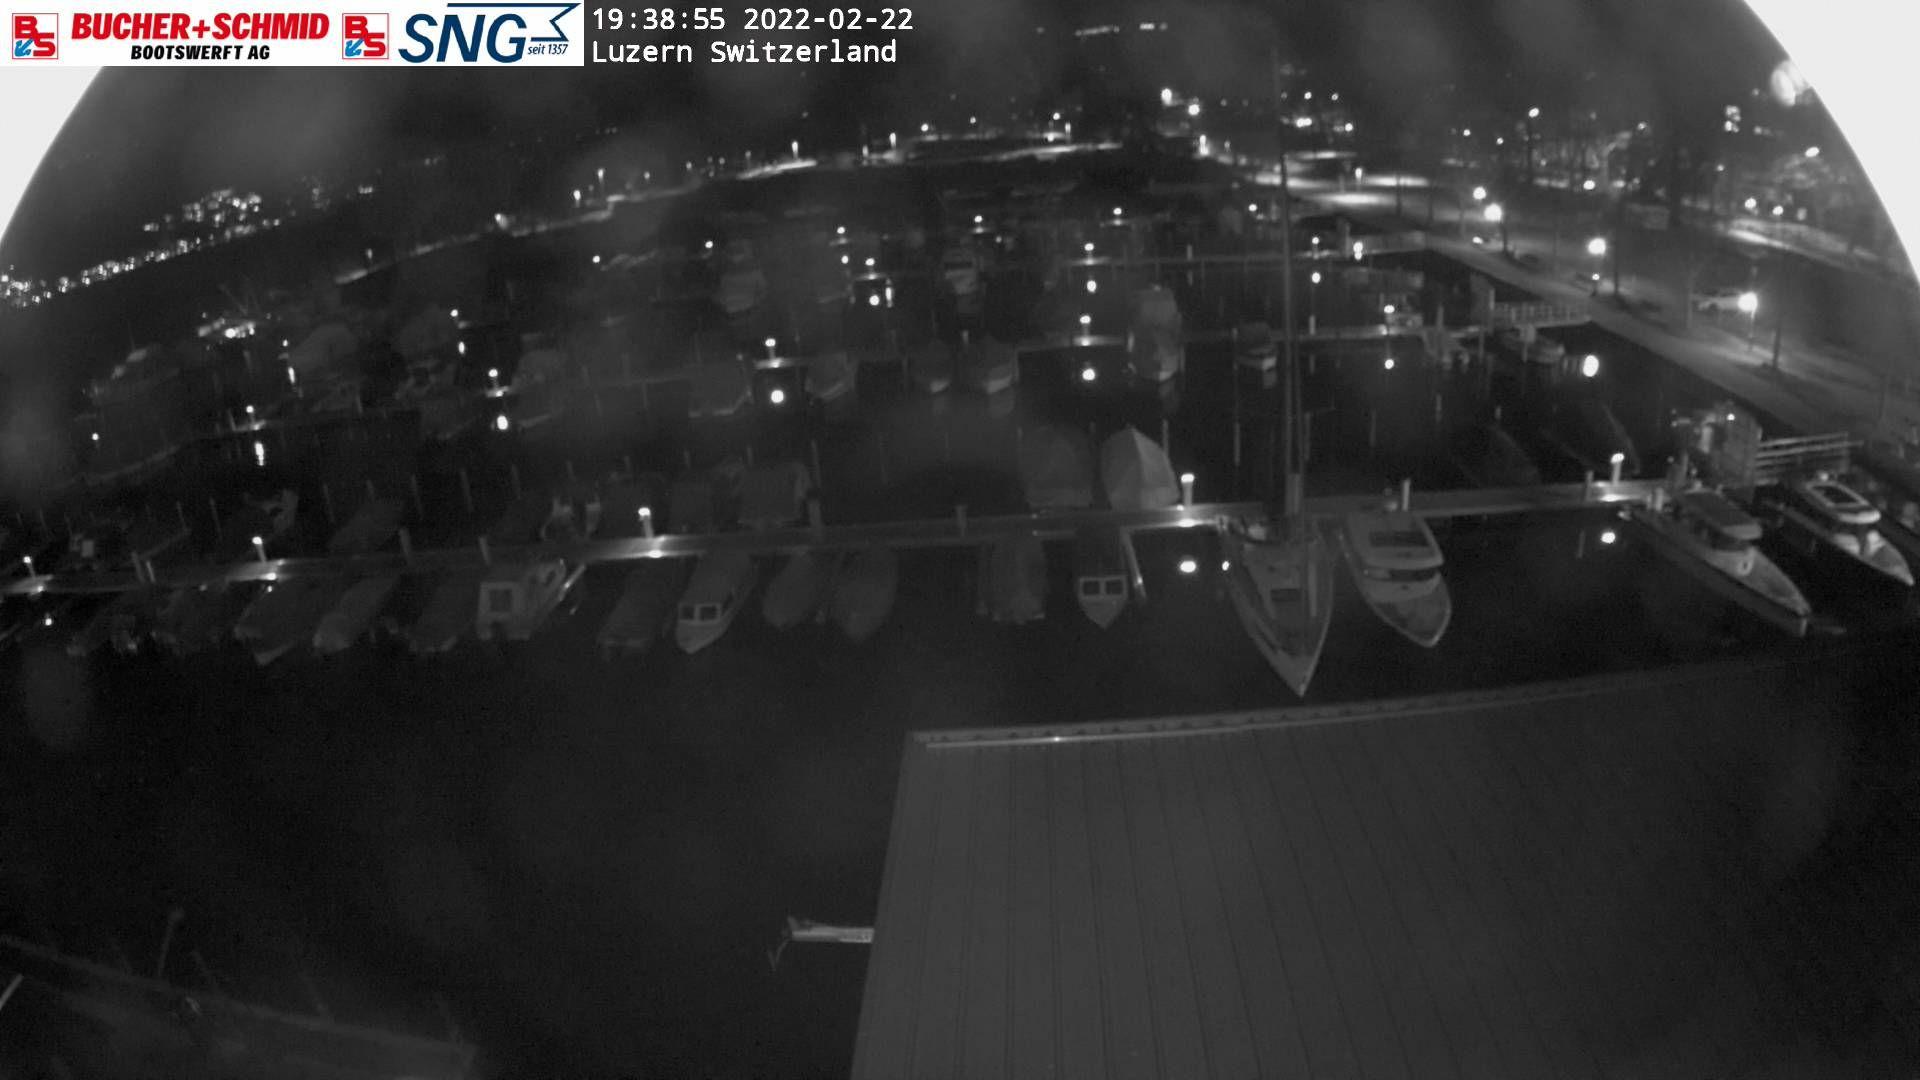 Luzern: Bucher & Schmid Bootswerft AG - Blickrichtung Nord